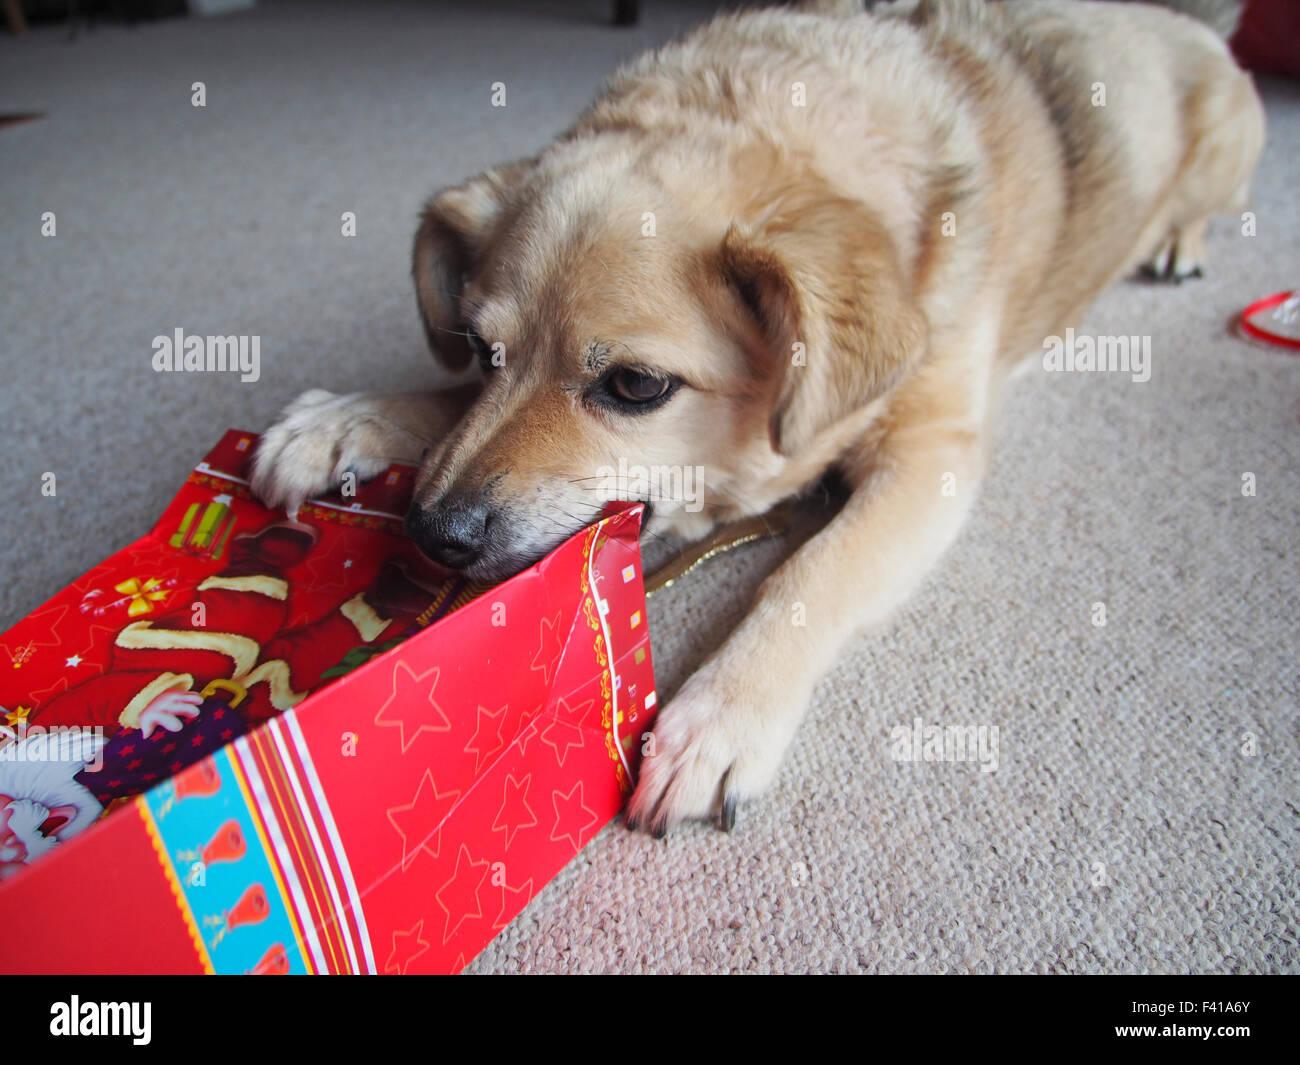 Perro con un regalo de navidad Imagen De Stock